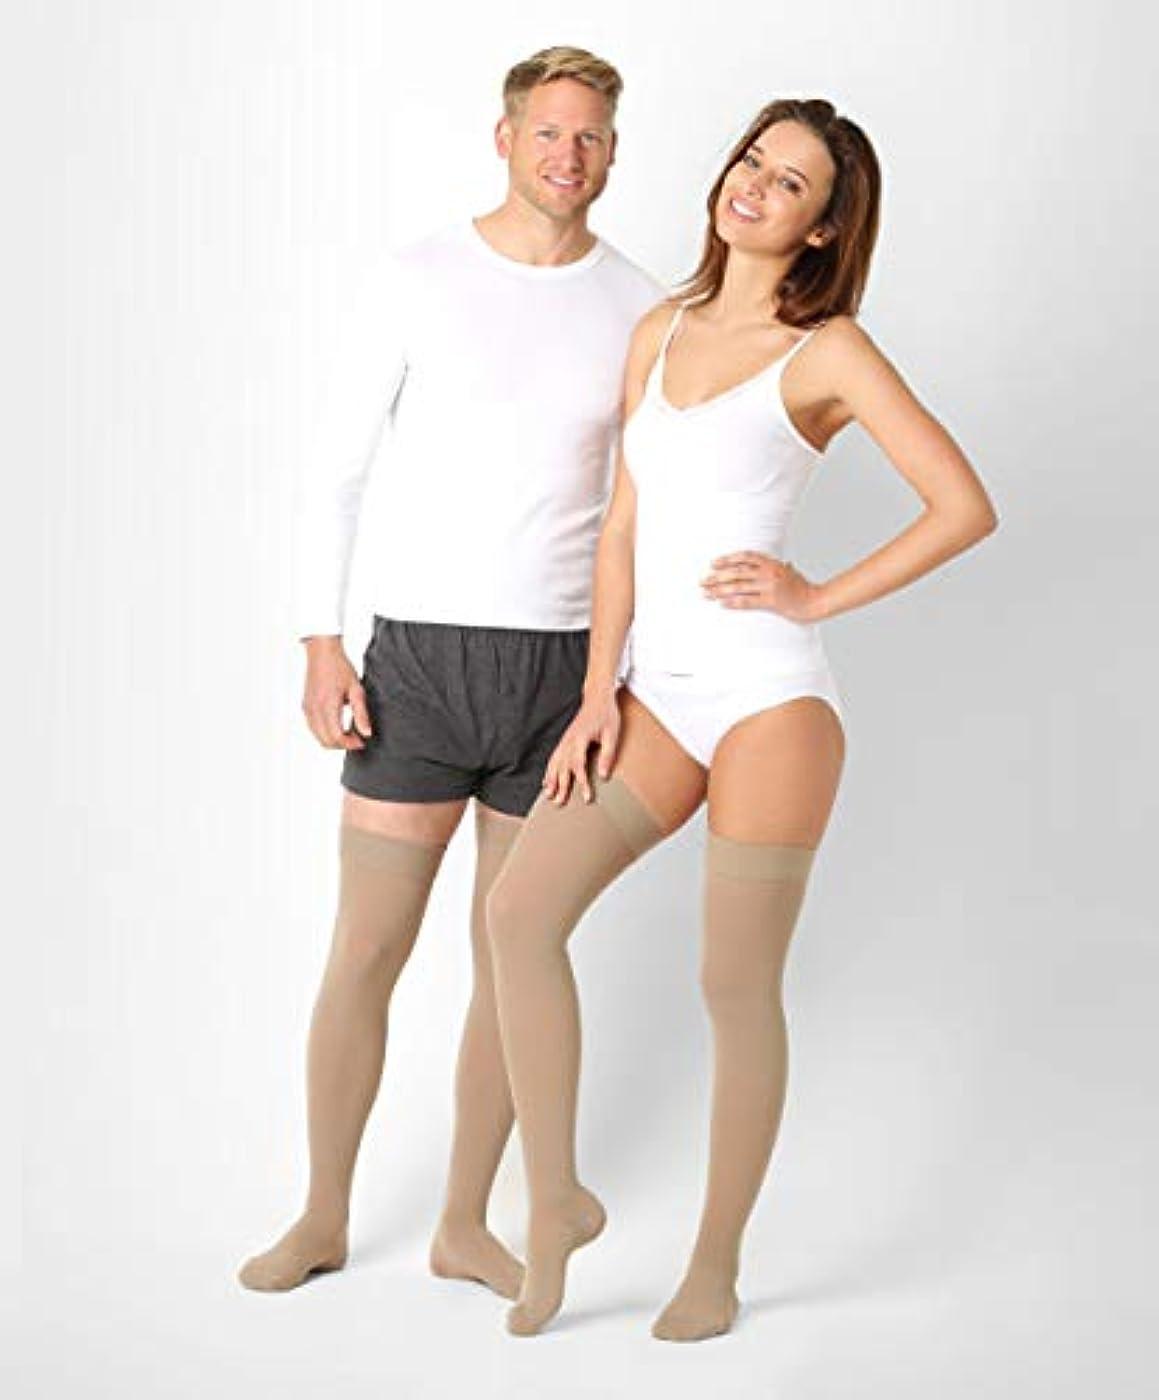 陰謀先祖ごめんなさいBeFit24 医療用着圧ストッキング クラス 1 (18-21 mmHg) 男性?女性用 ーあらゆるラ イフスタイルのニーズに対応ー ヨーロッパ製 X-Large Beige